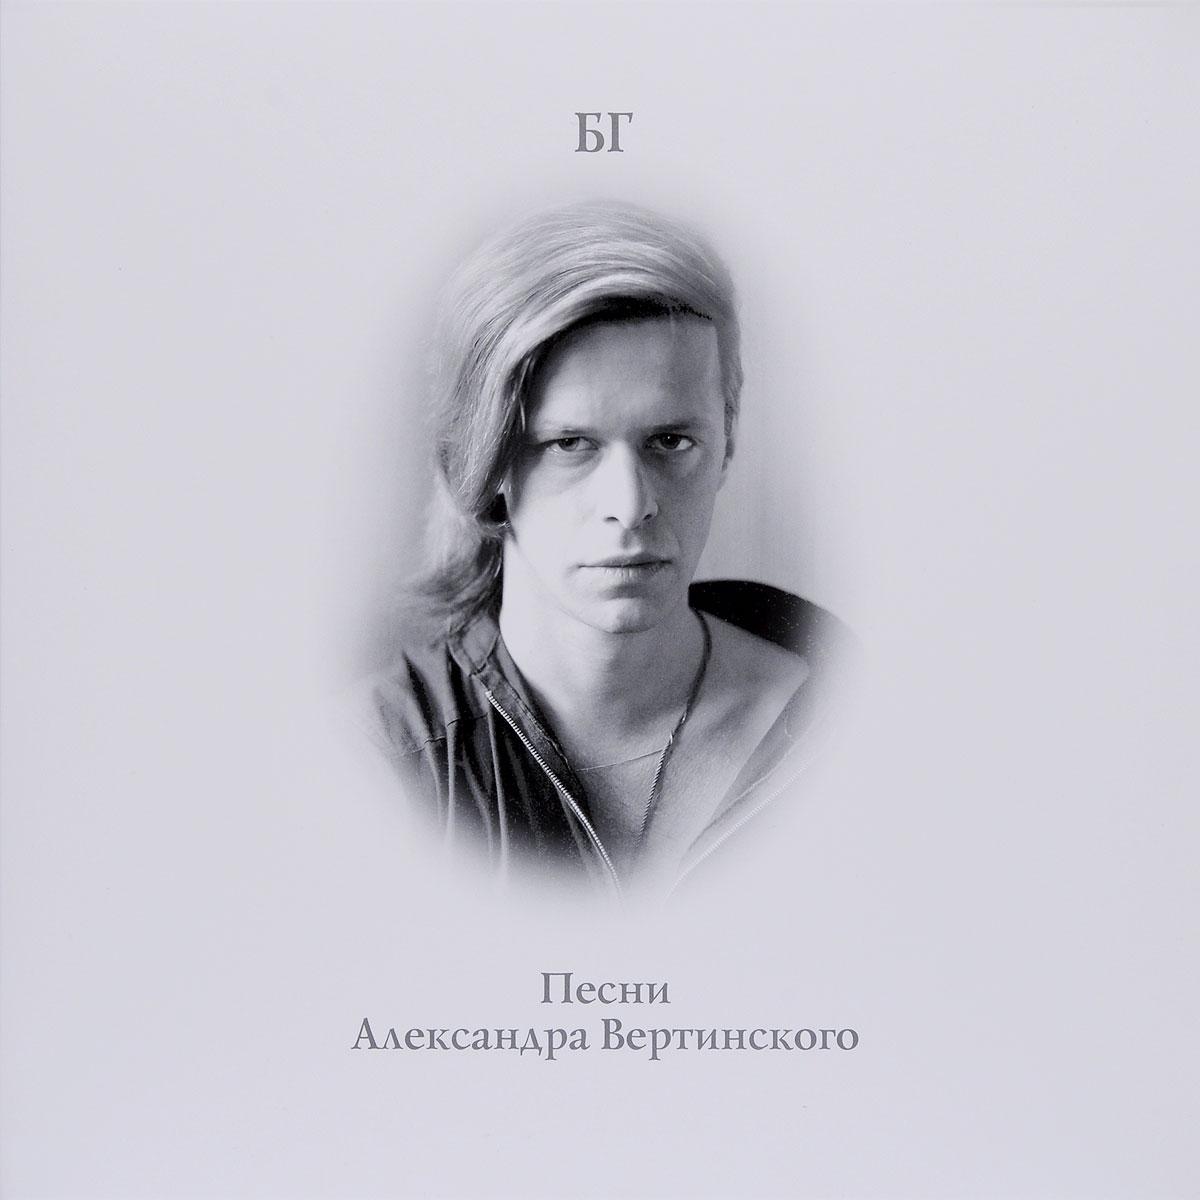 все цены на Борис Гребенщиков БГ. Песни Александра Вертинского (LP)